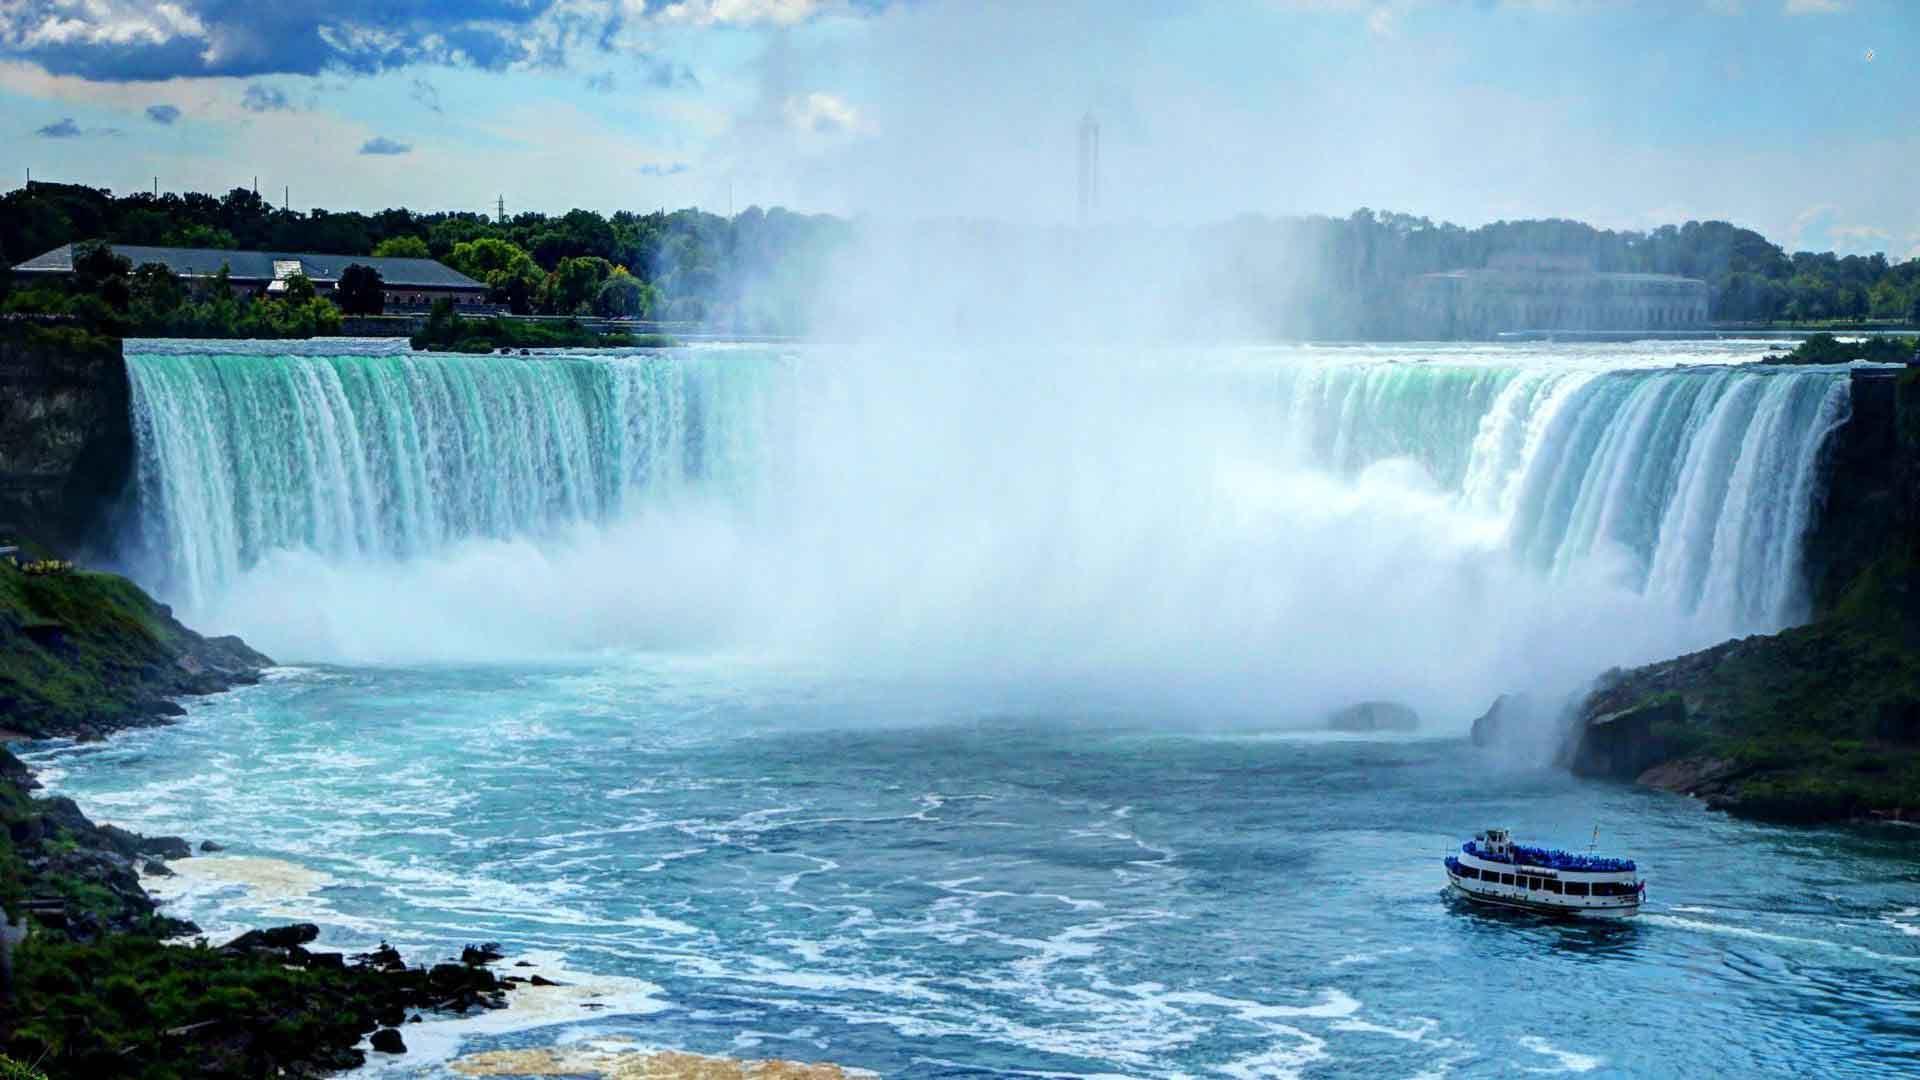 Asociación de imágenes  - Página 4 Niagara-falls